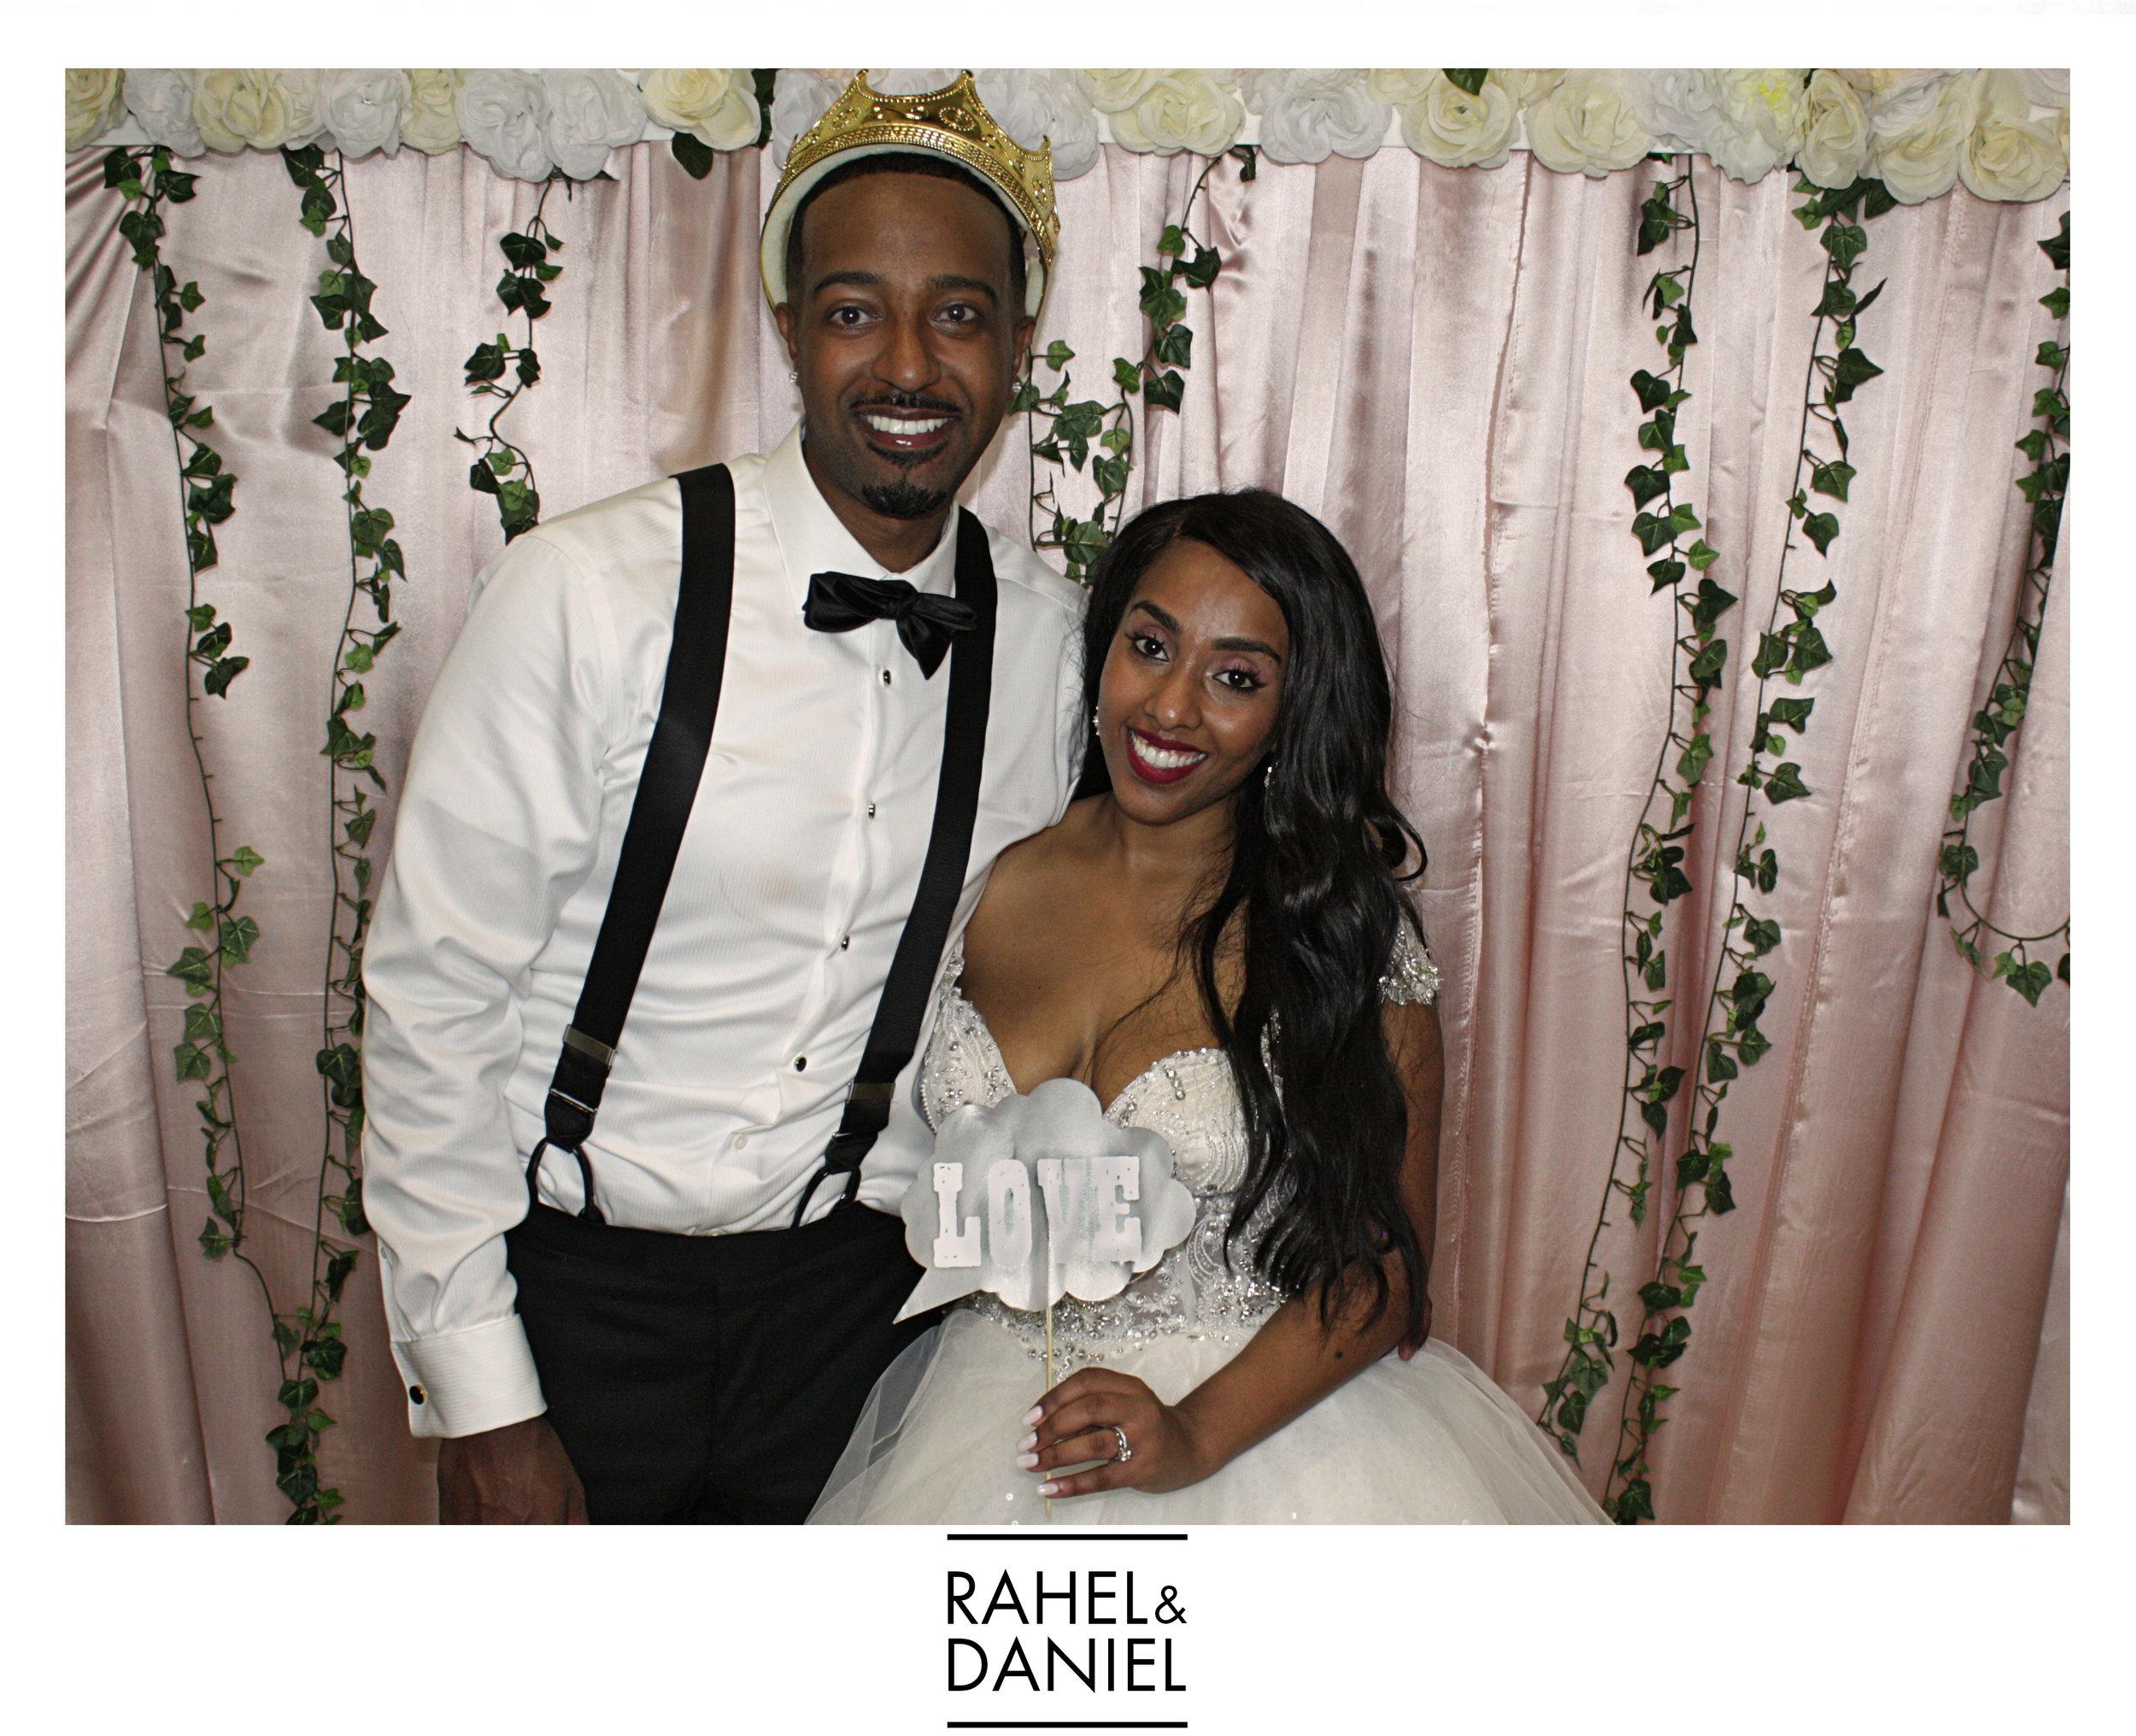 Rahel and Daniel